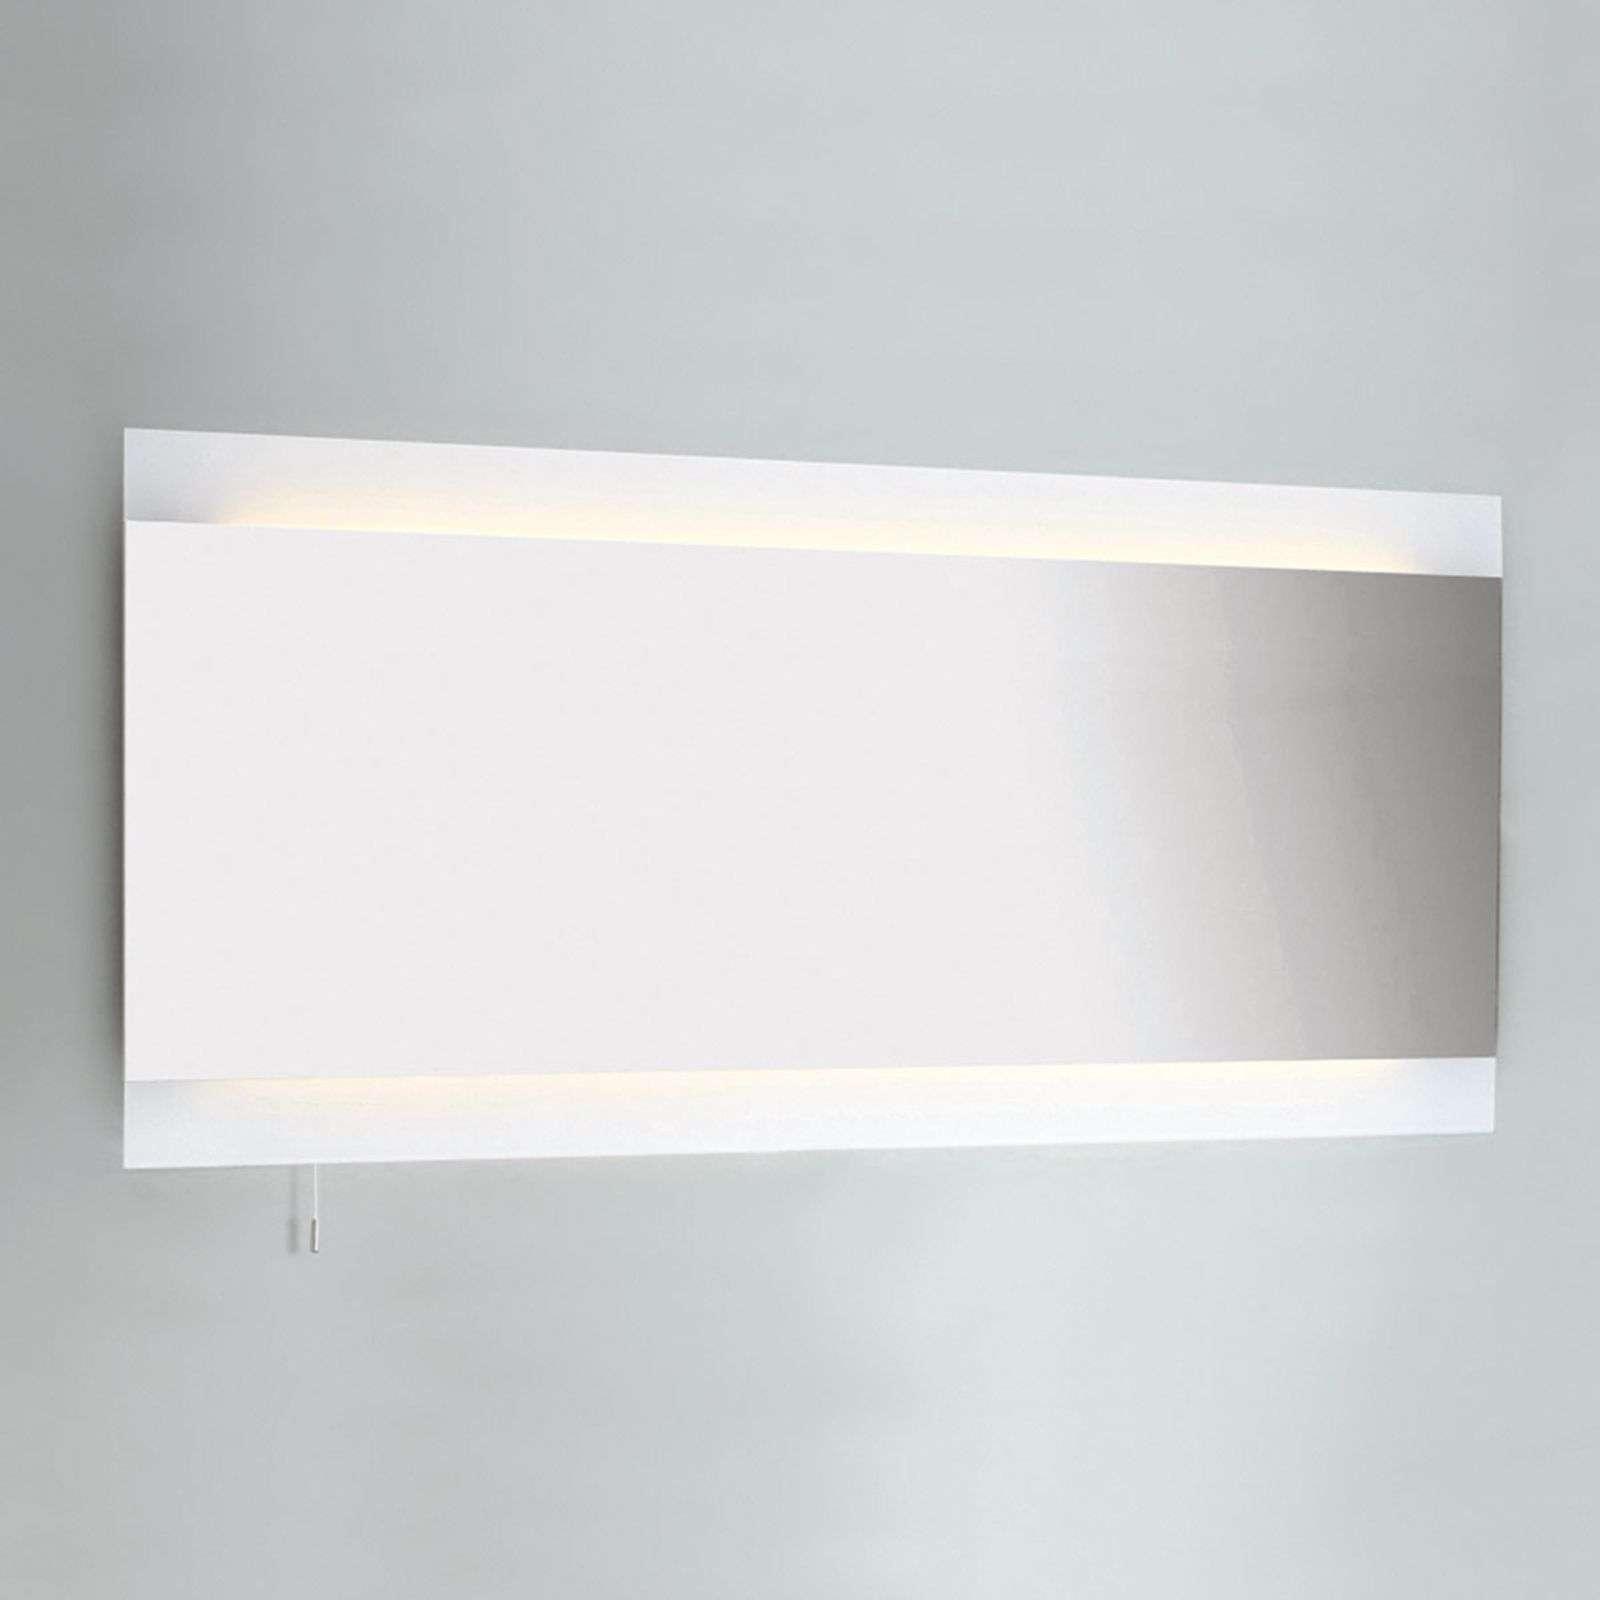 Astro Specchio FUJI WIDE con illuminazione, largo 125 cm